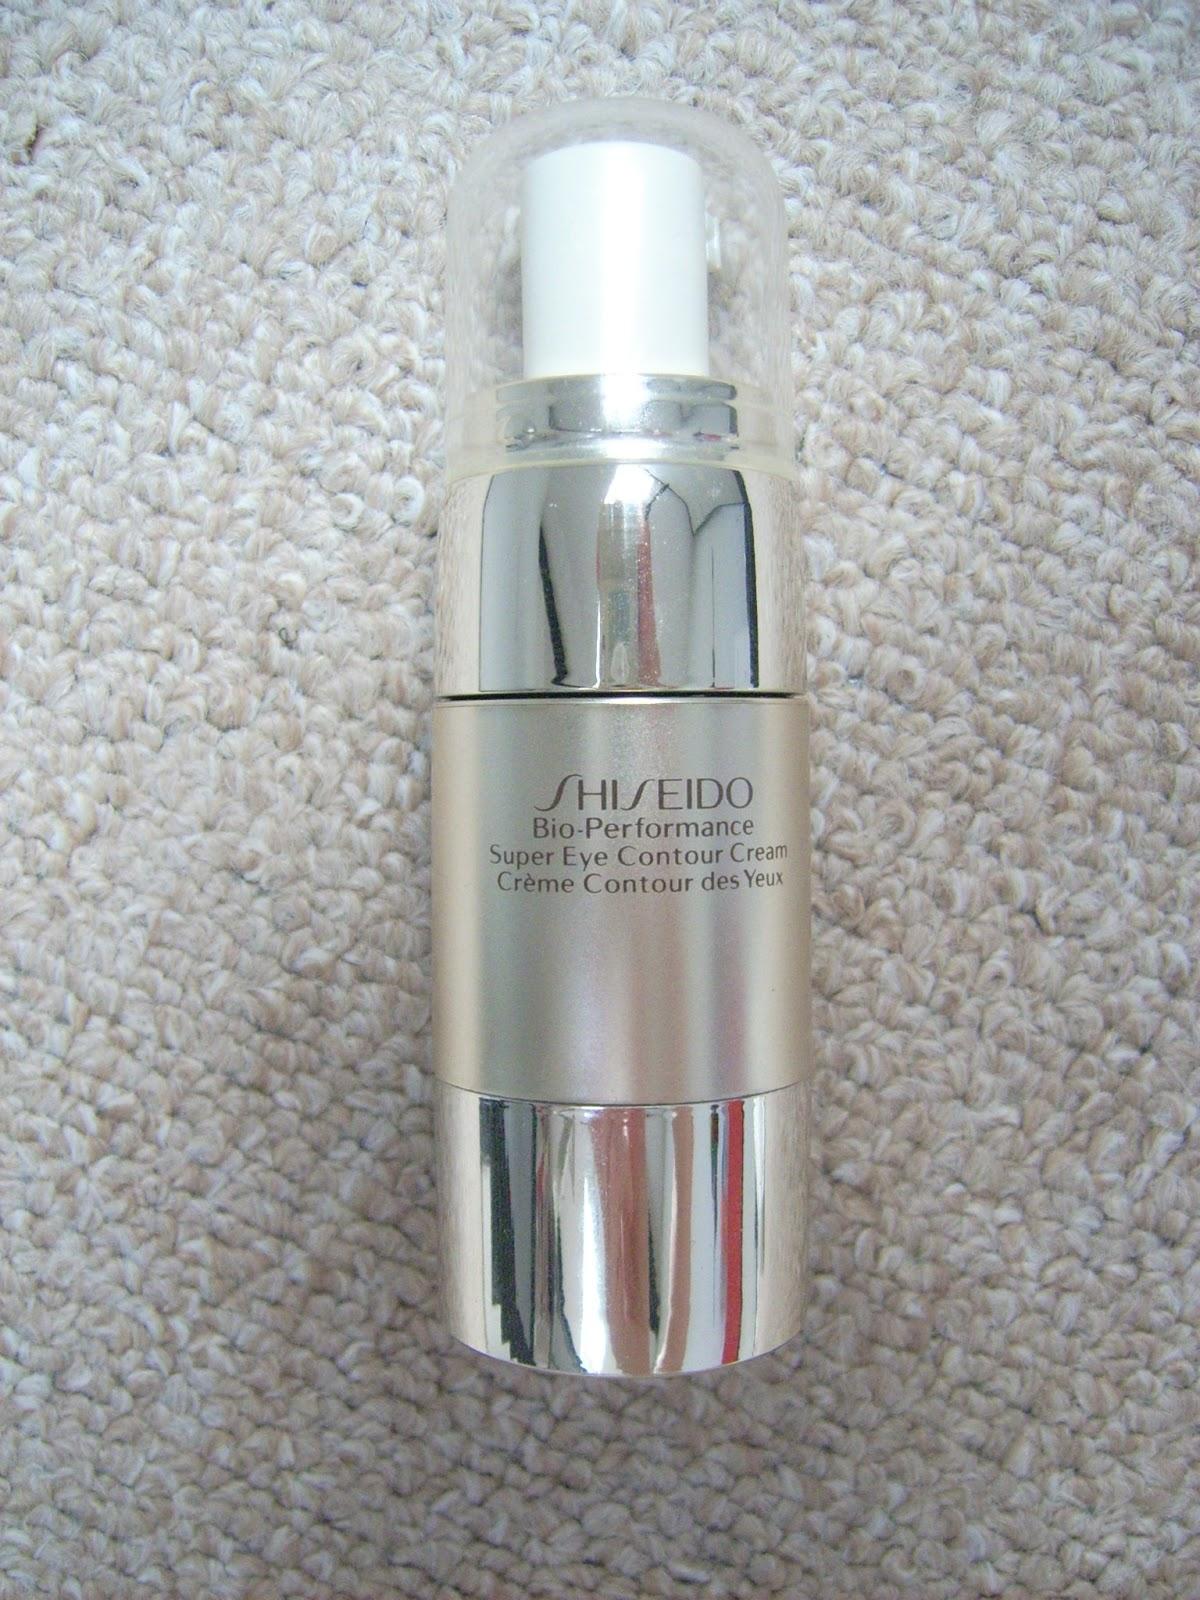 shiseido bio performance super eye contour cream, shiseido creme contour des yeux, crema de ochi shiseido